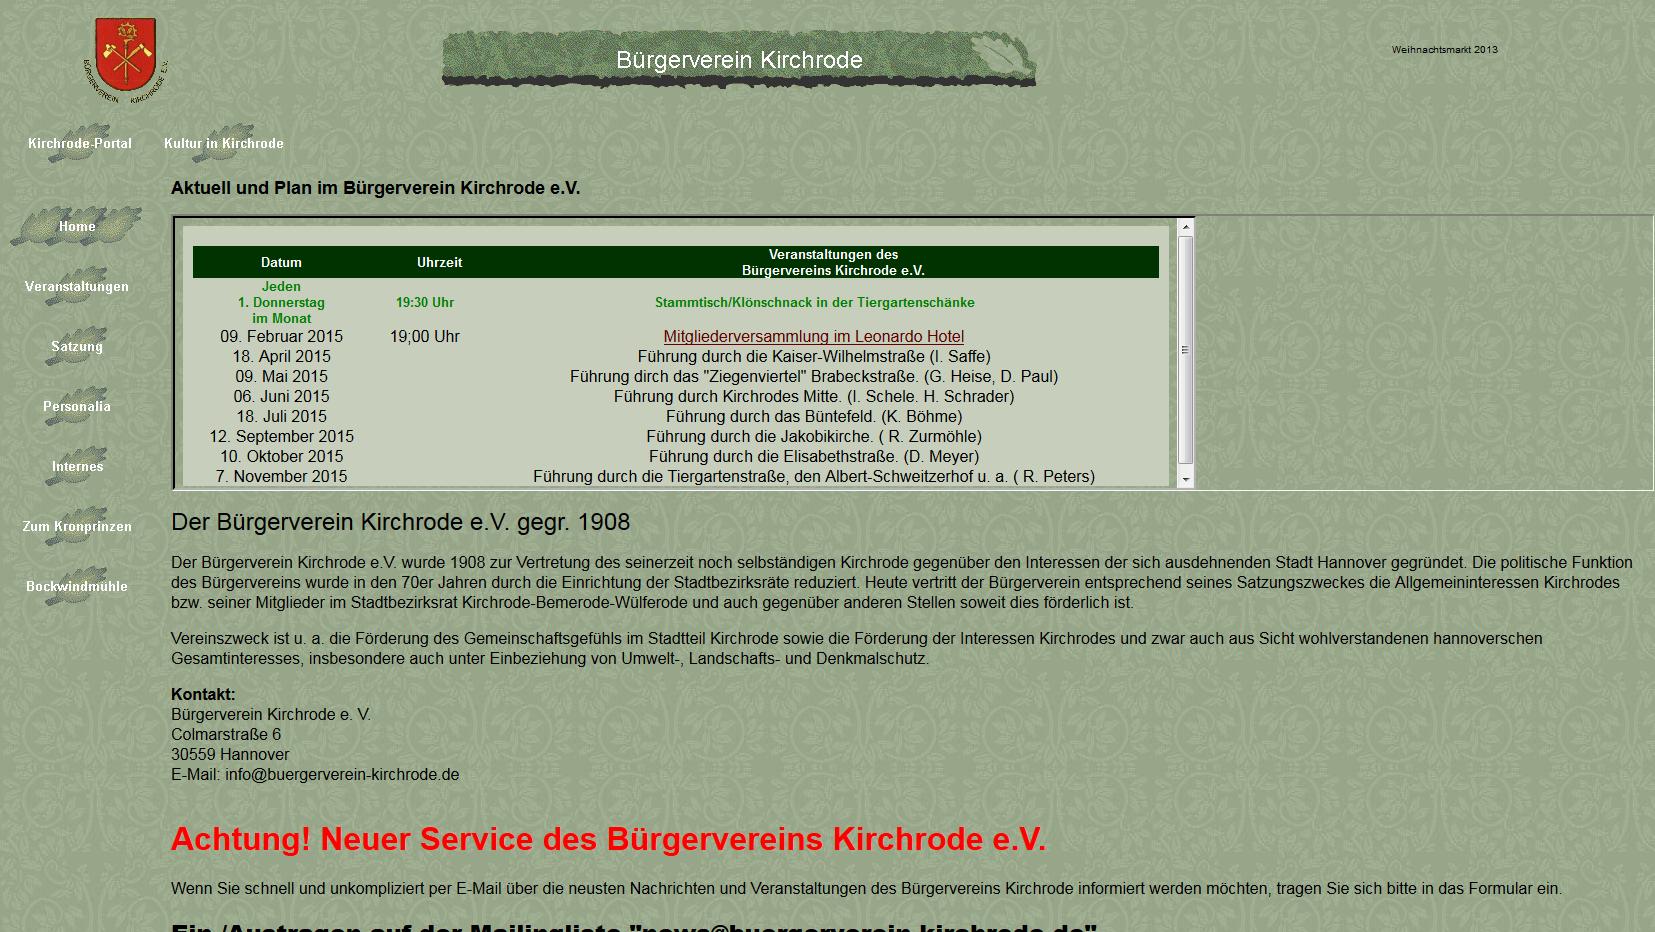 Buergerverein-Kirchrode.de